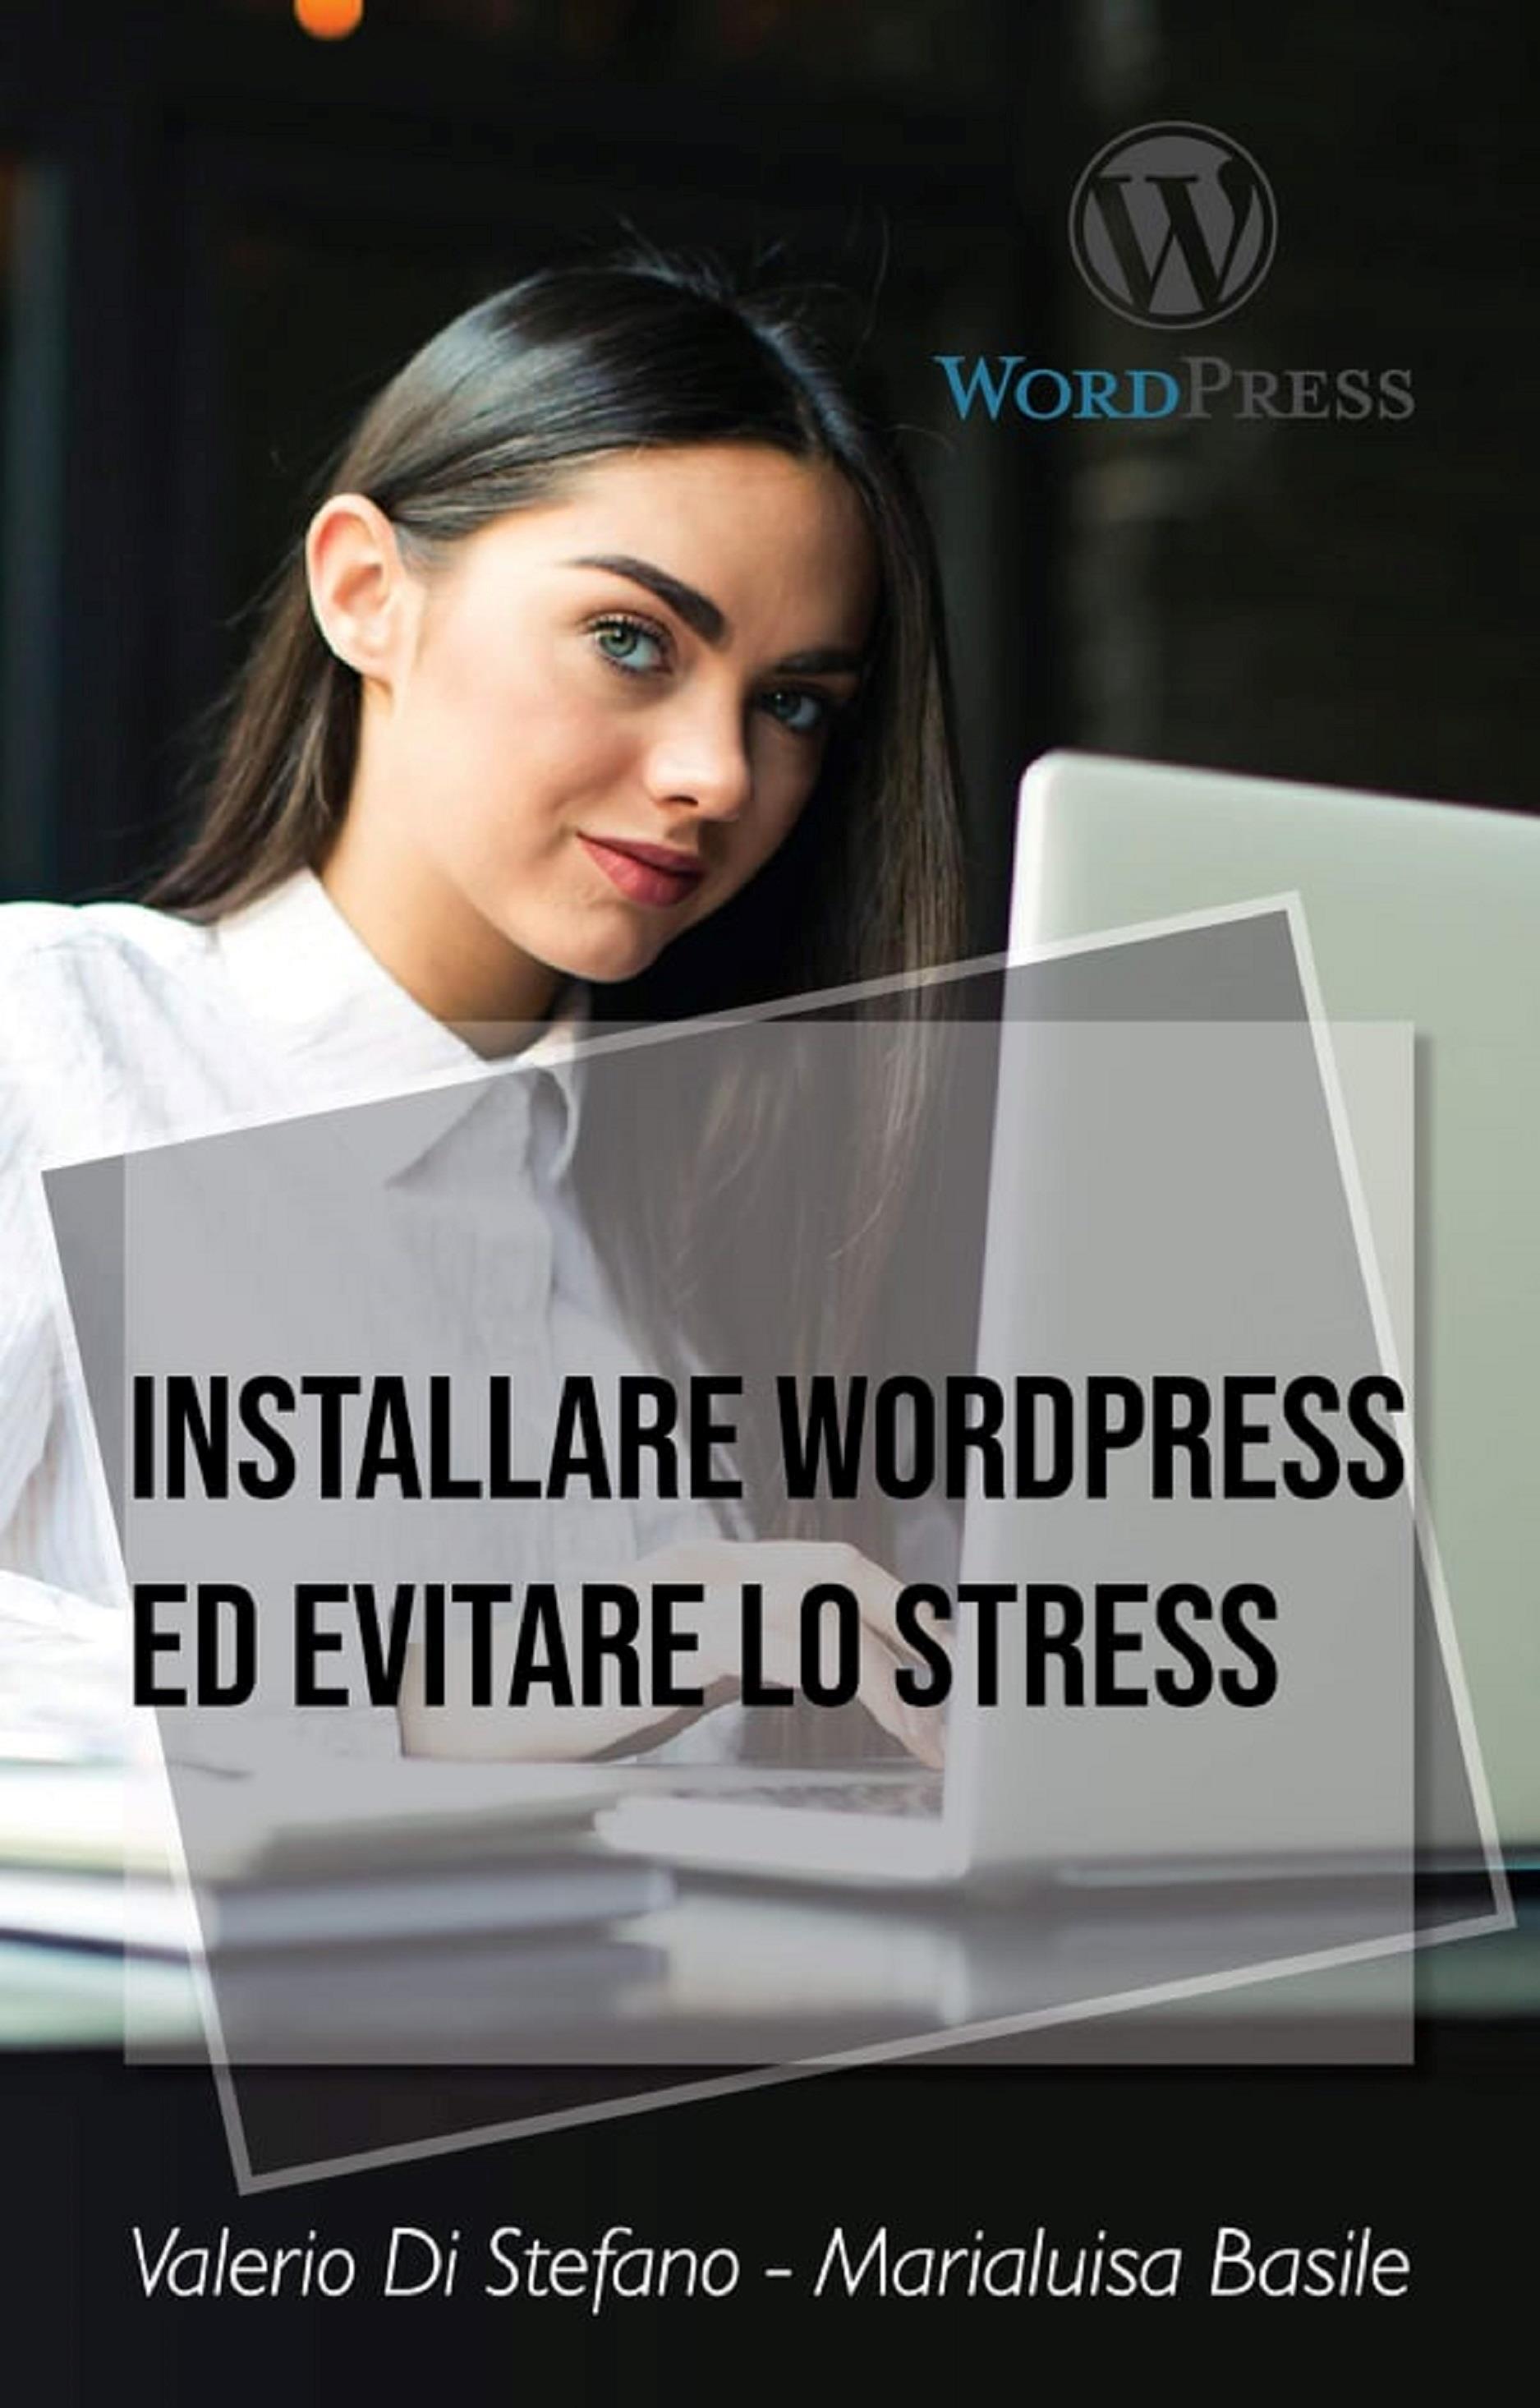 Installare Wordpress ed evitare lo stress